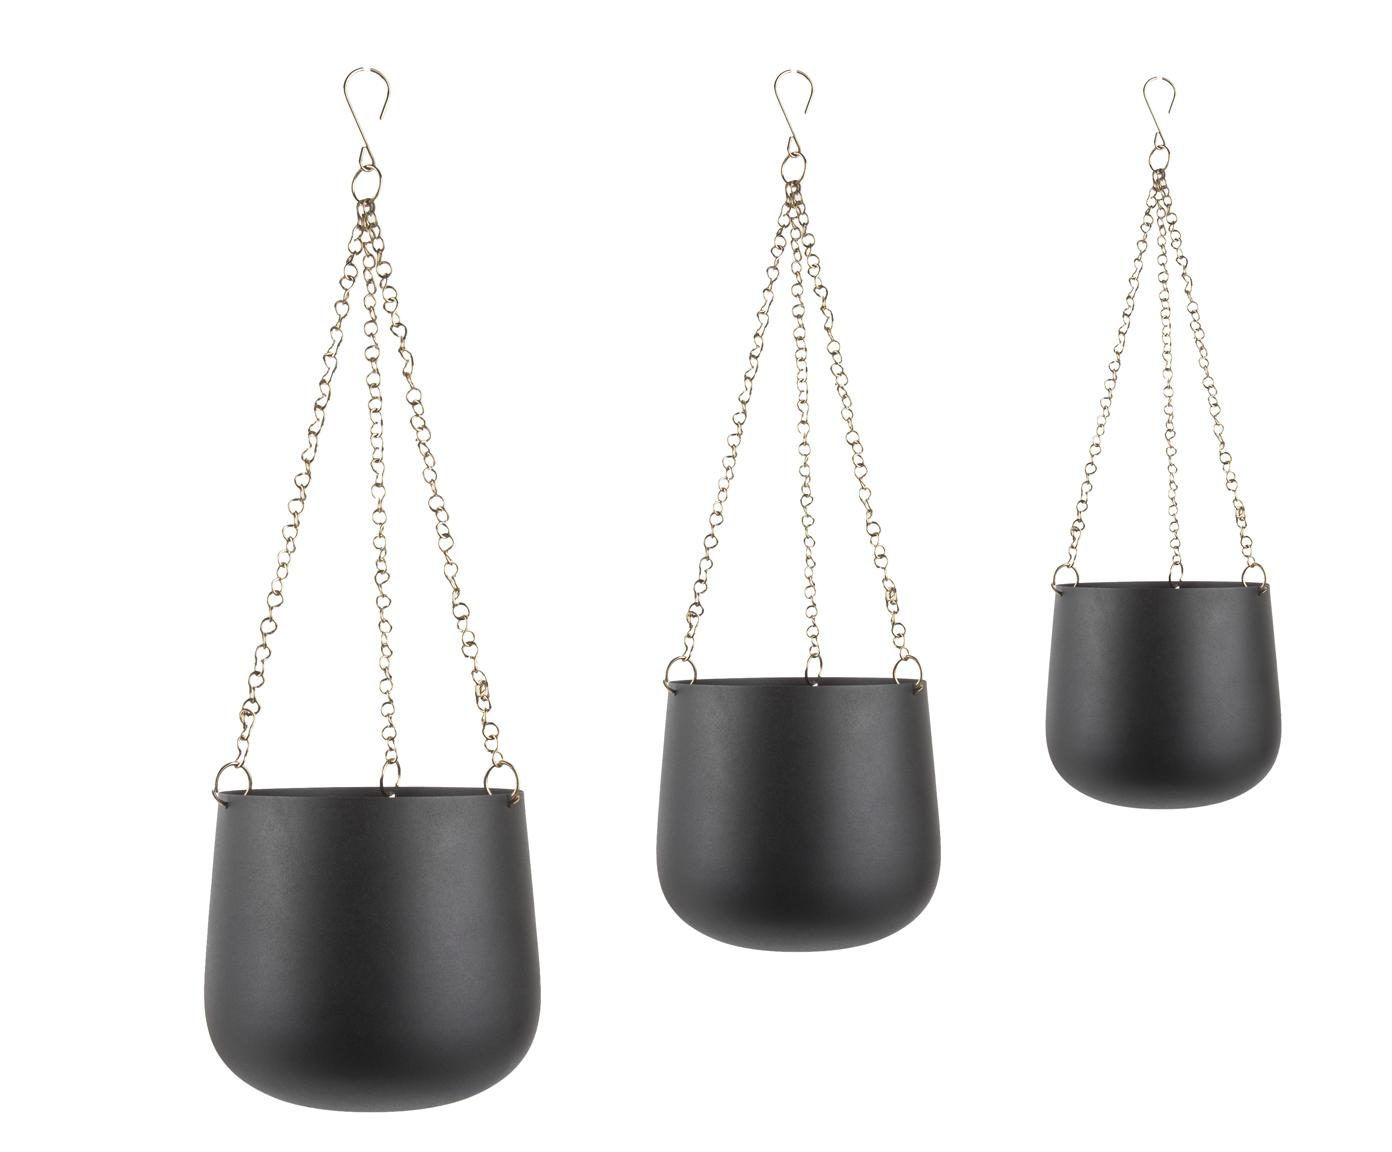 Komplet donic wiszących Cask, 3 elem., Metal lakierowany, Czarny, Różne rozmiary